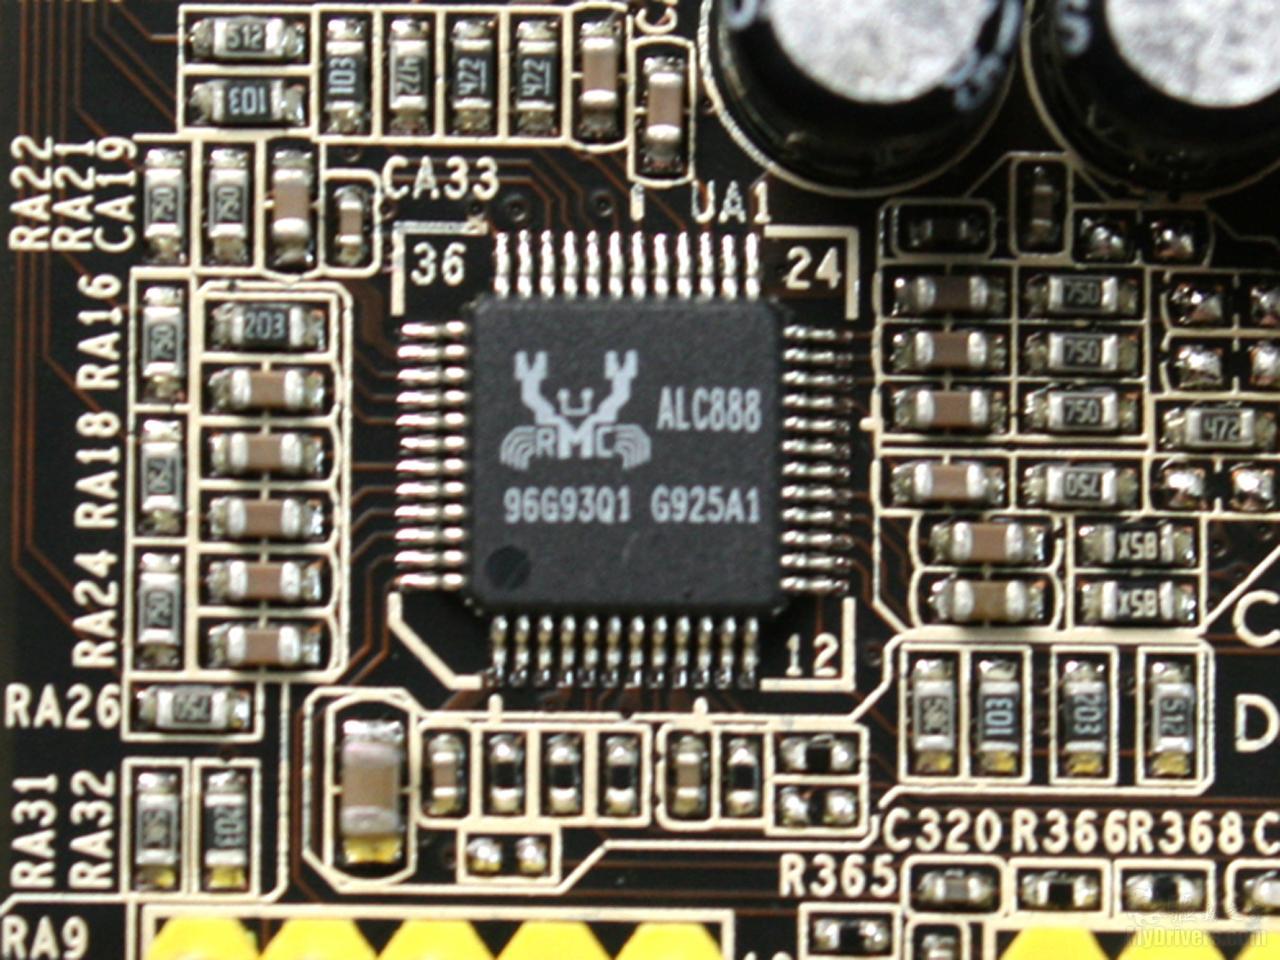 声卡芯片; 2倍铜+易超频 599元昂达h55t魔笛版; 板载realtek alc888 8